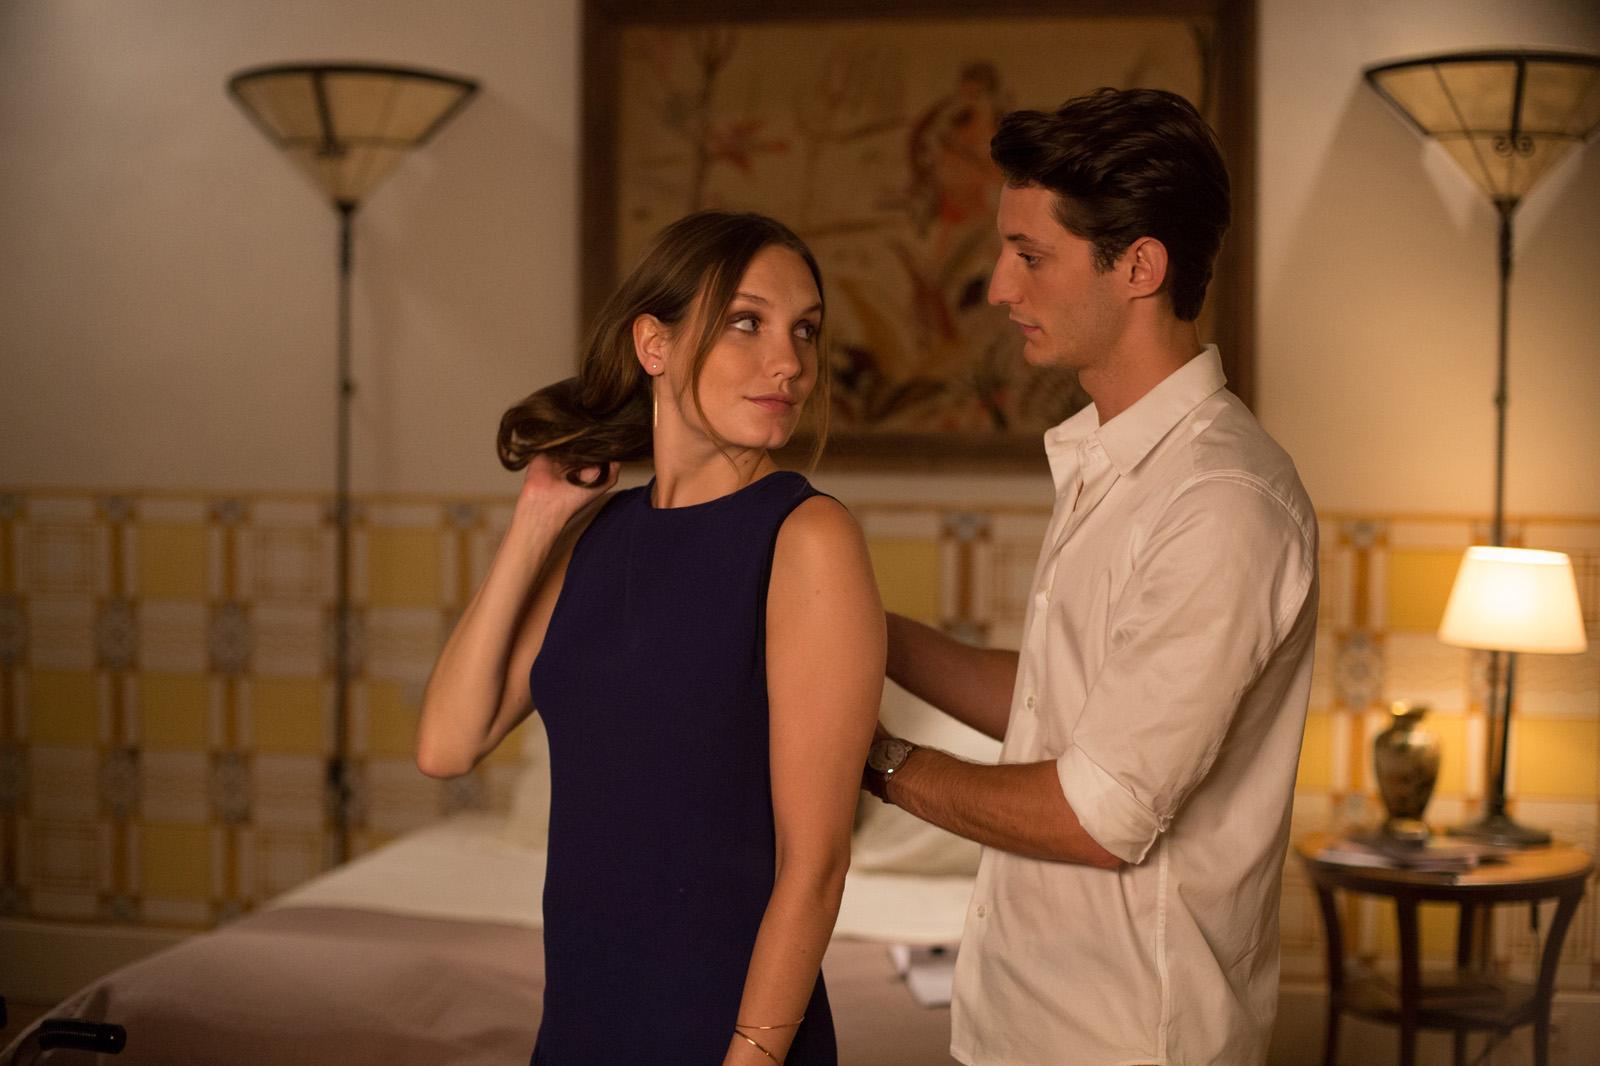 Pierre Niney y Ana Girardot en El hombre perfecto